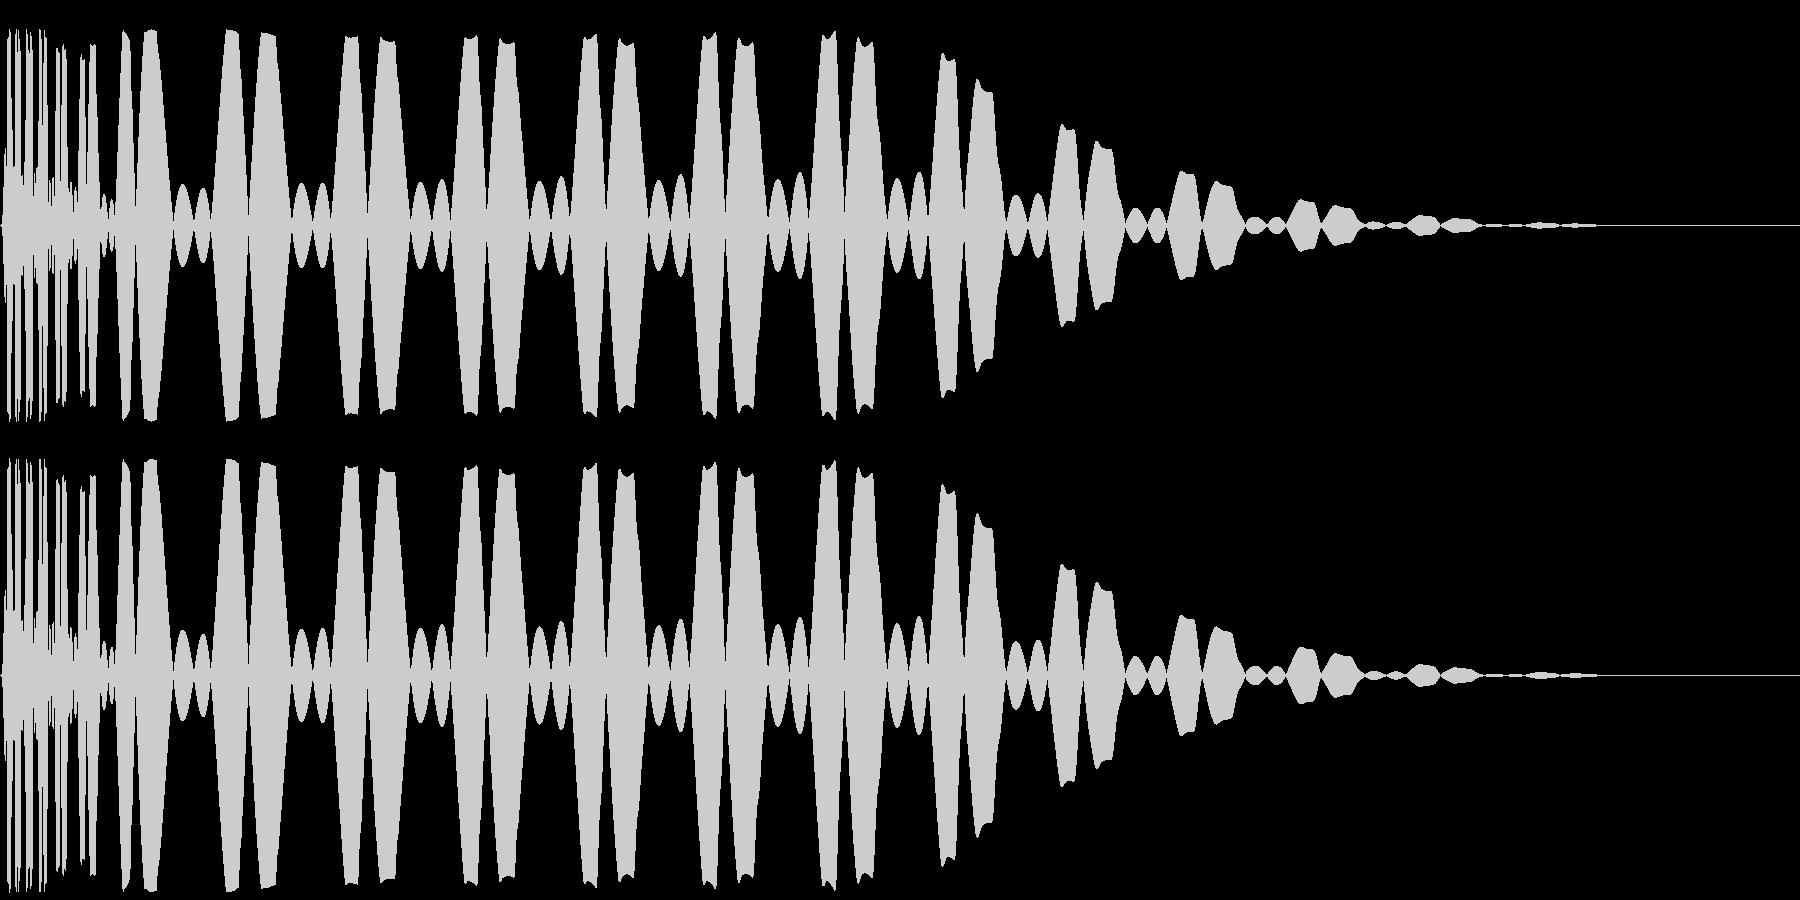 キック/ドラム/デジタル/Key-Bの未再生の波形